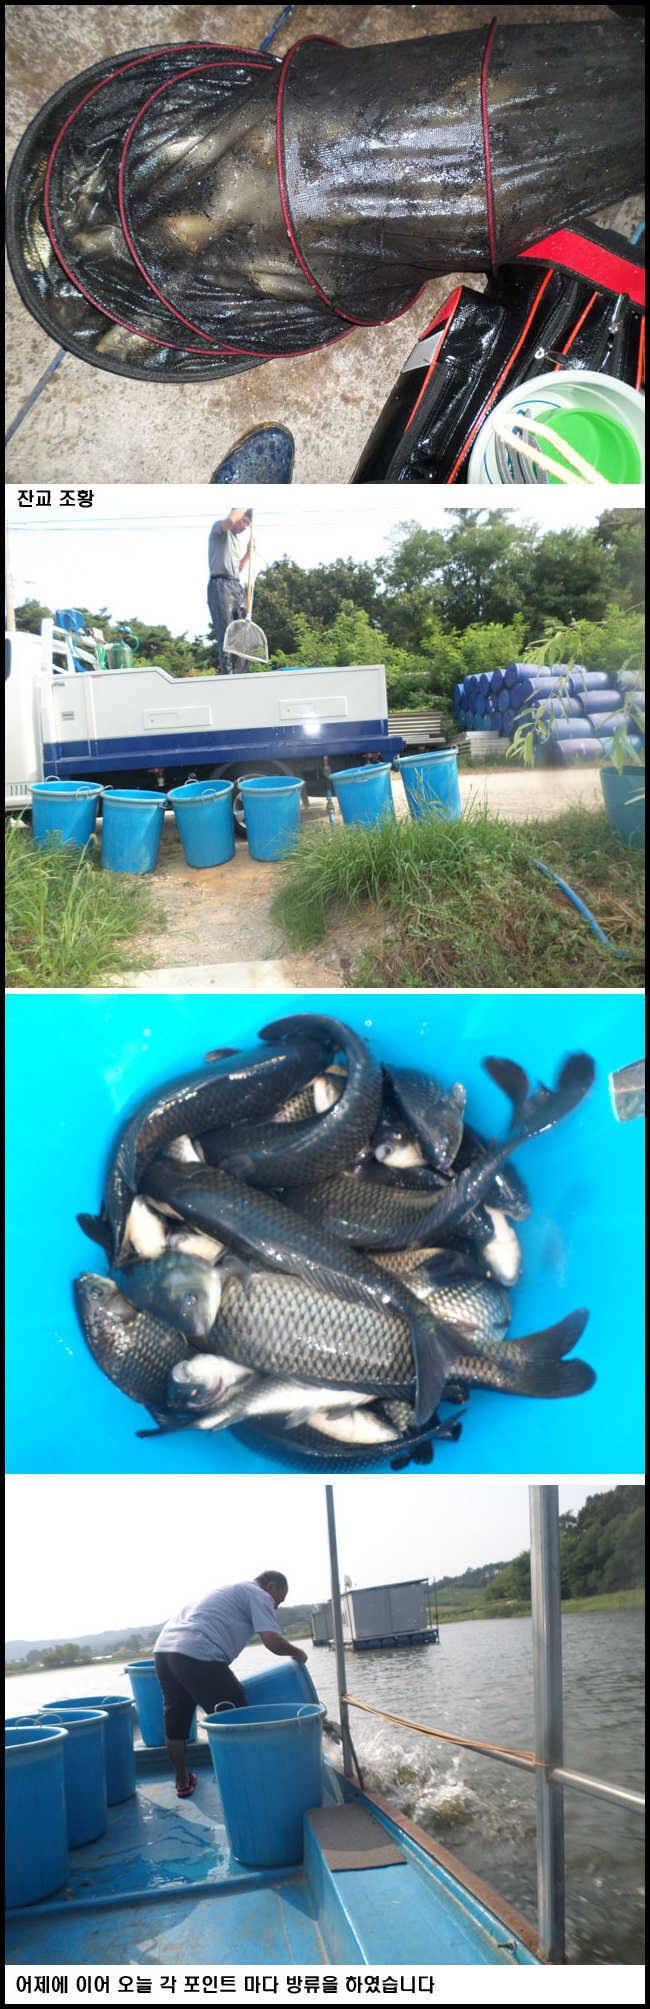 fish_pay_11043830.jpg